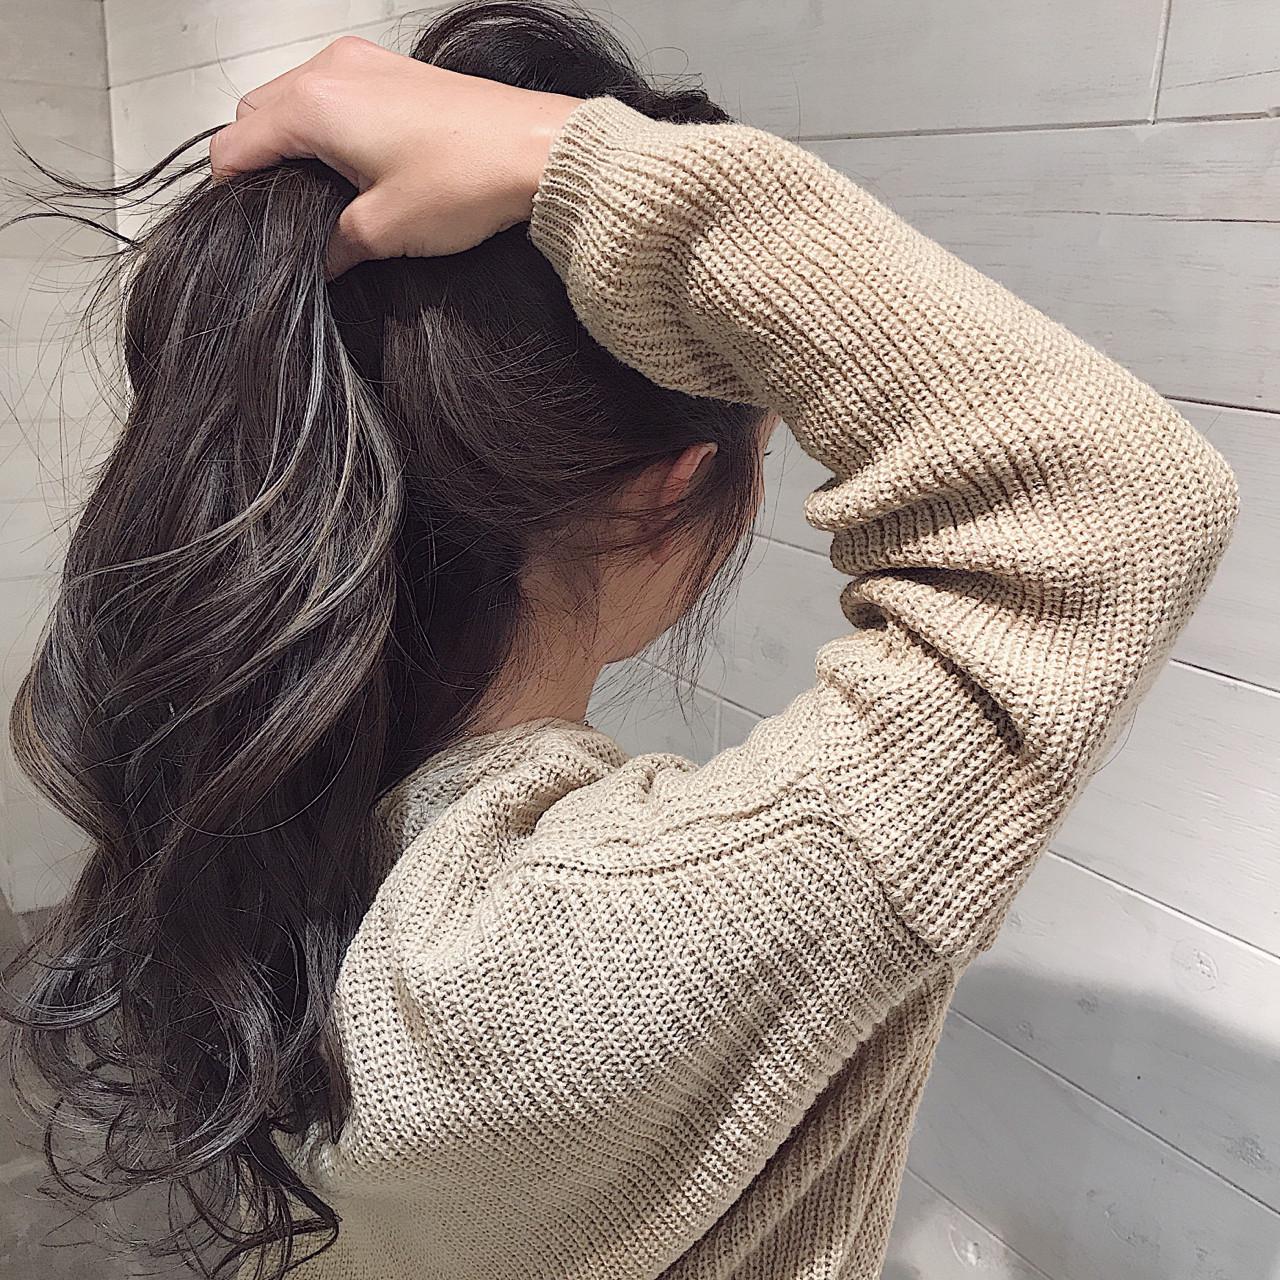 アッシュグレージュ 冬 エレガント ロング ヘアスタイルや髪型の写真・画像